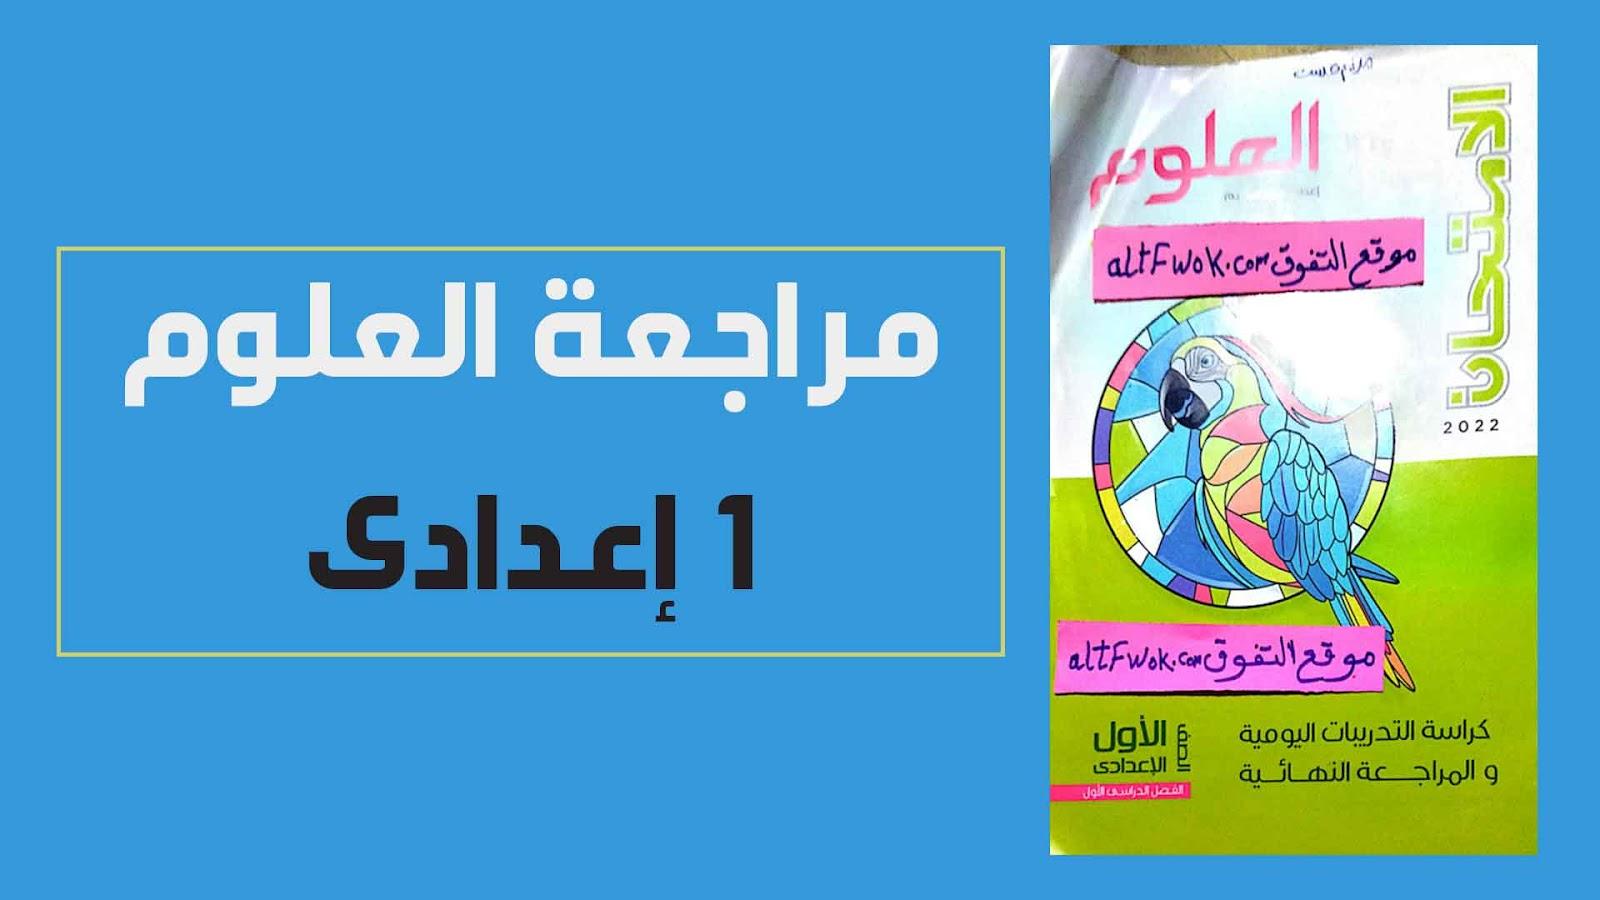 تحميل كتاب الامتحان علوم pdf للصف الاول الاعدادى الترم الاول 2022 (كتاب الامتحانات والاسئلة)